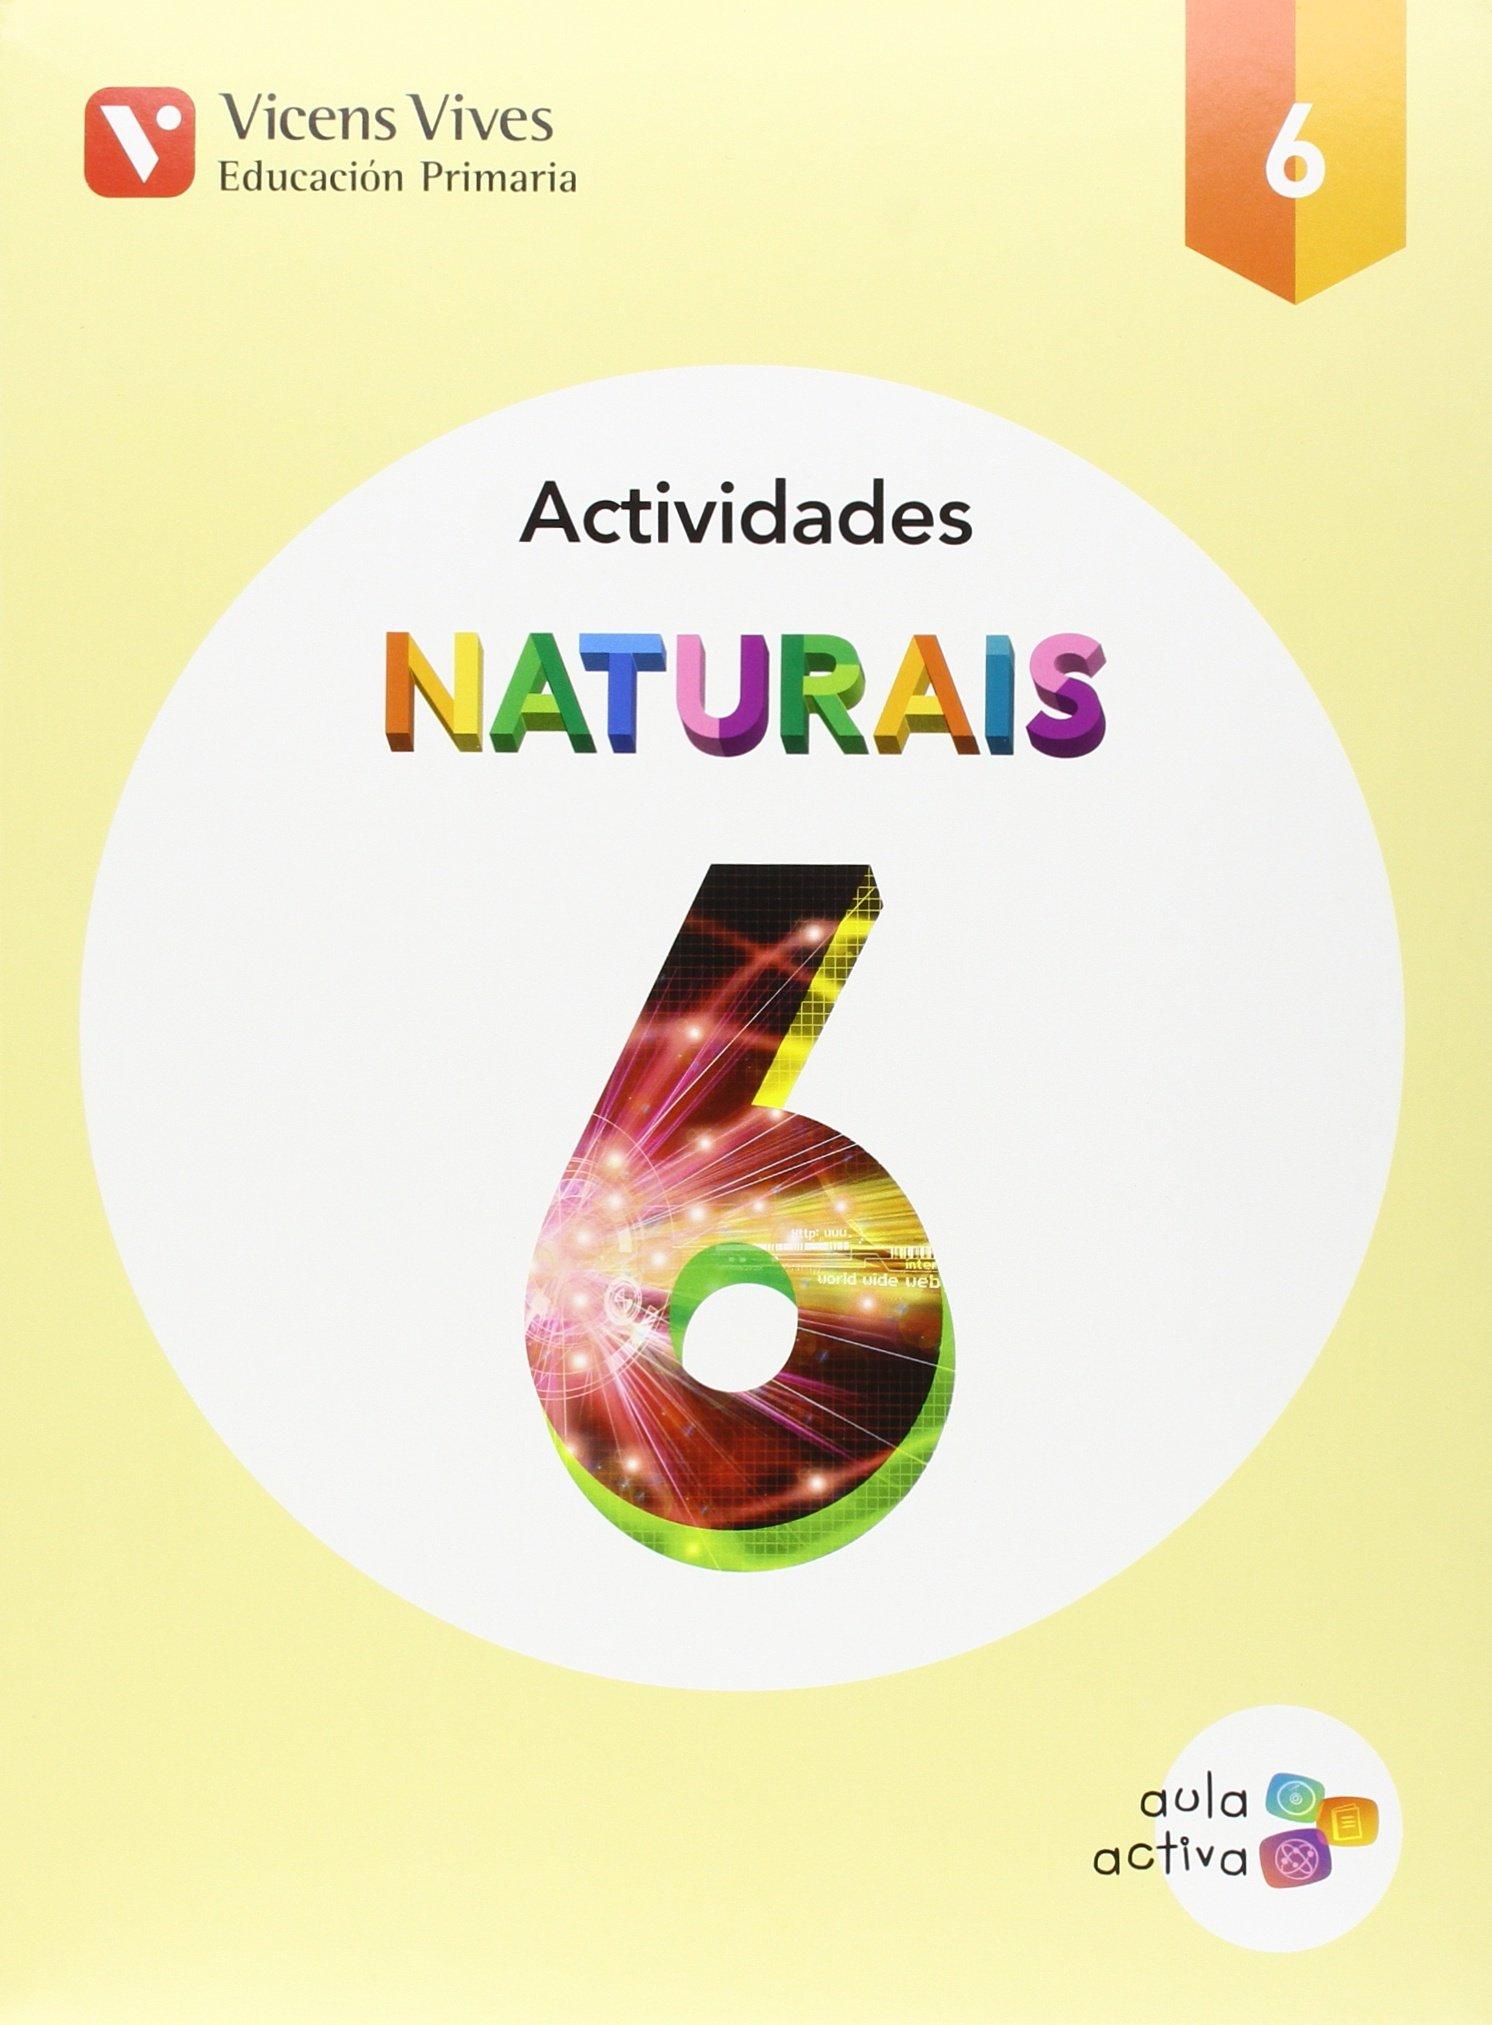 NATURAIS 6 ACTIVIDADES (AULA ACTIVA): 000001 - 9788468230252 (Gallego) Tapa blanda – 13 oct 2015 Equipo Editorial Editorial Vicens Vives 8468230251 Educational material